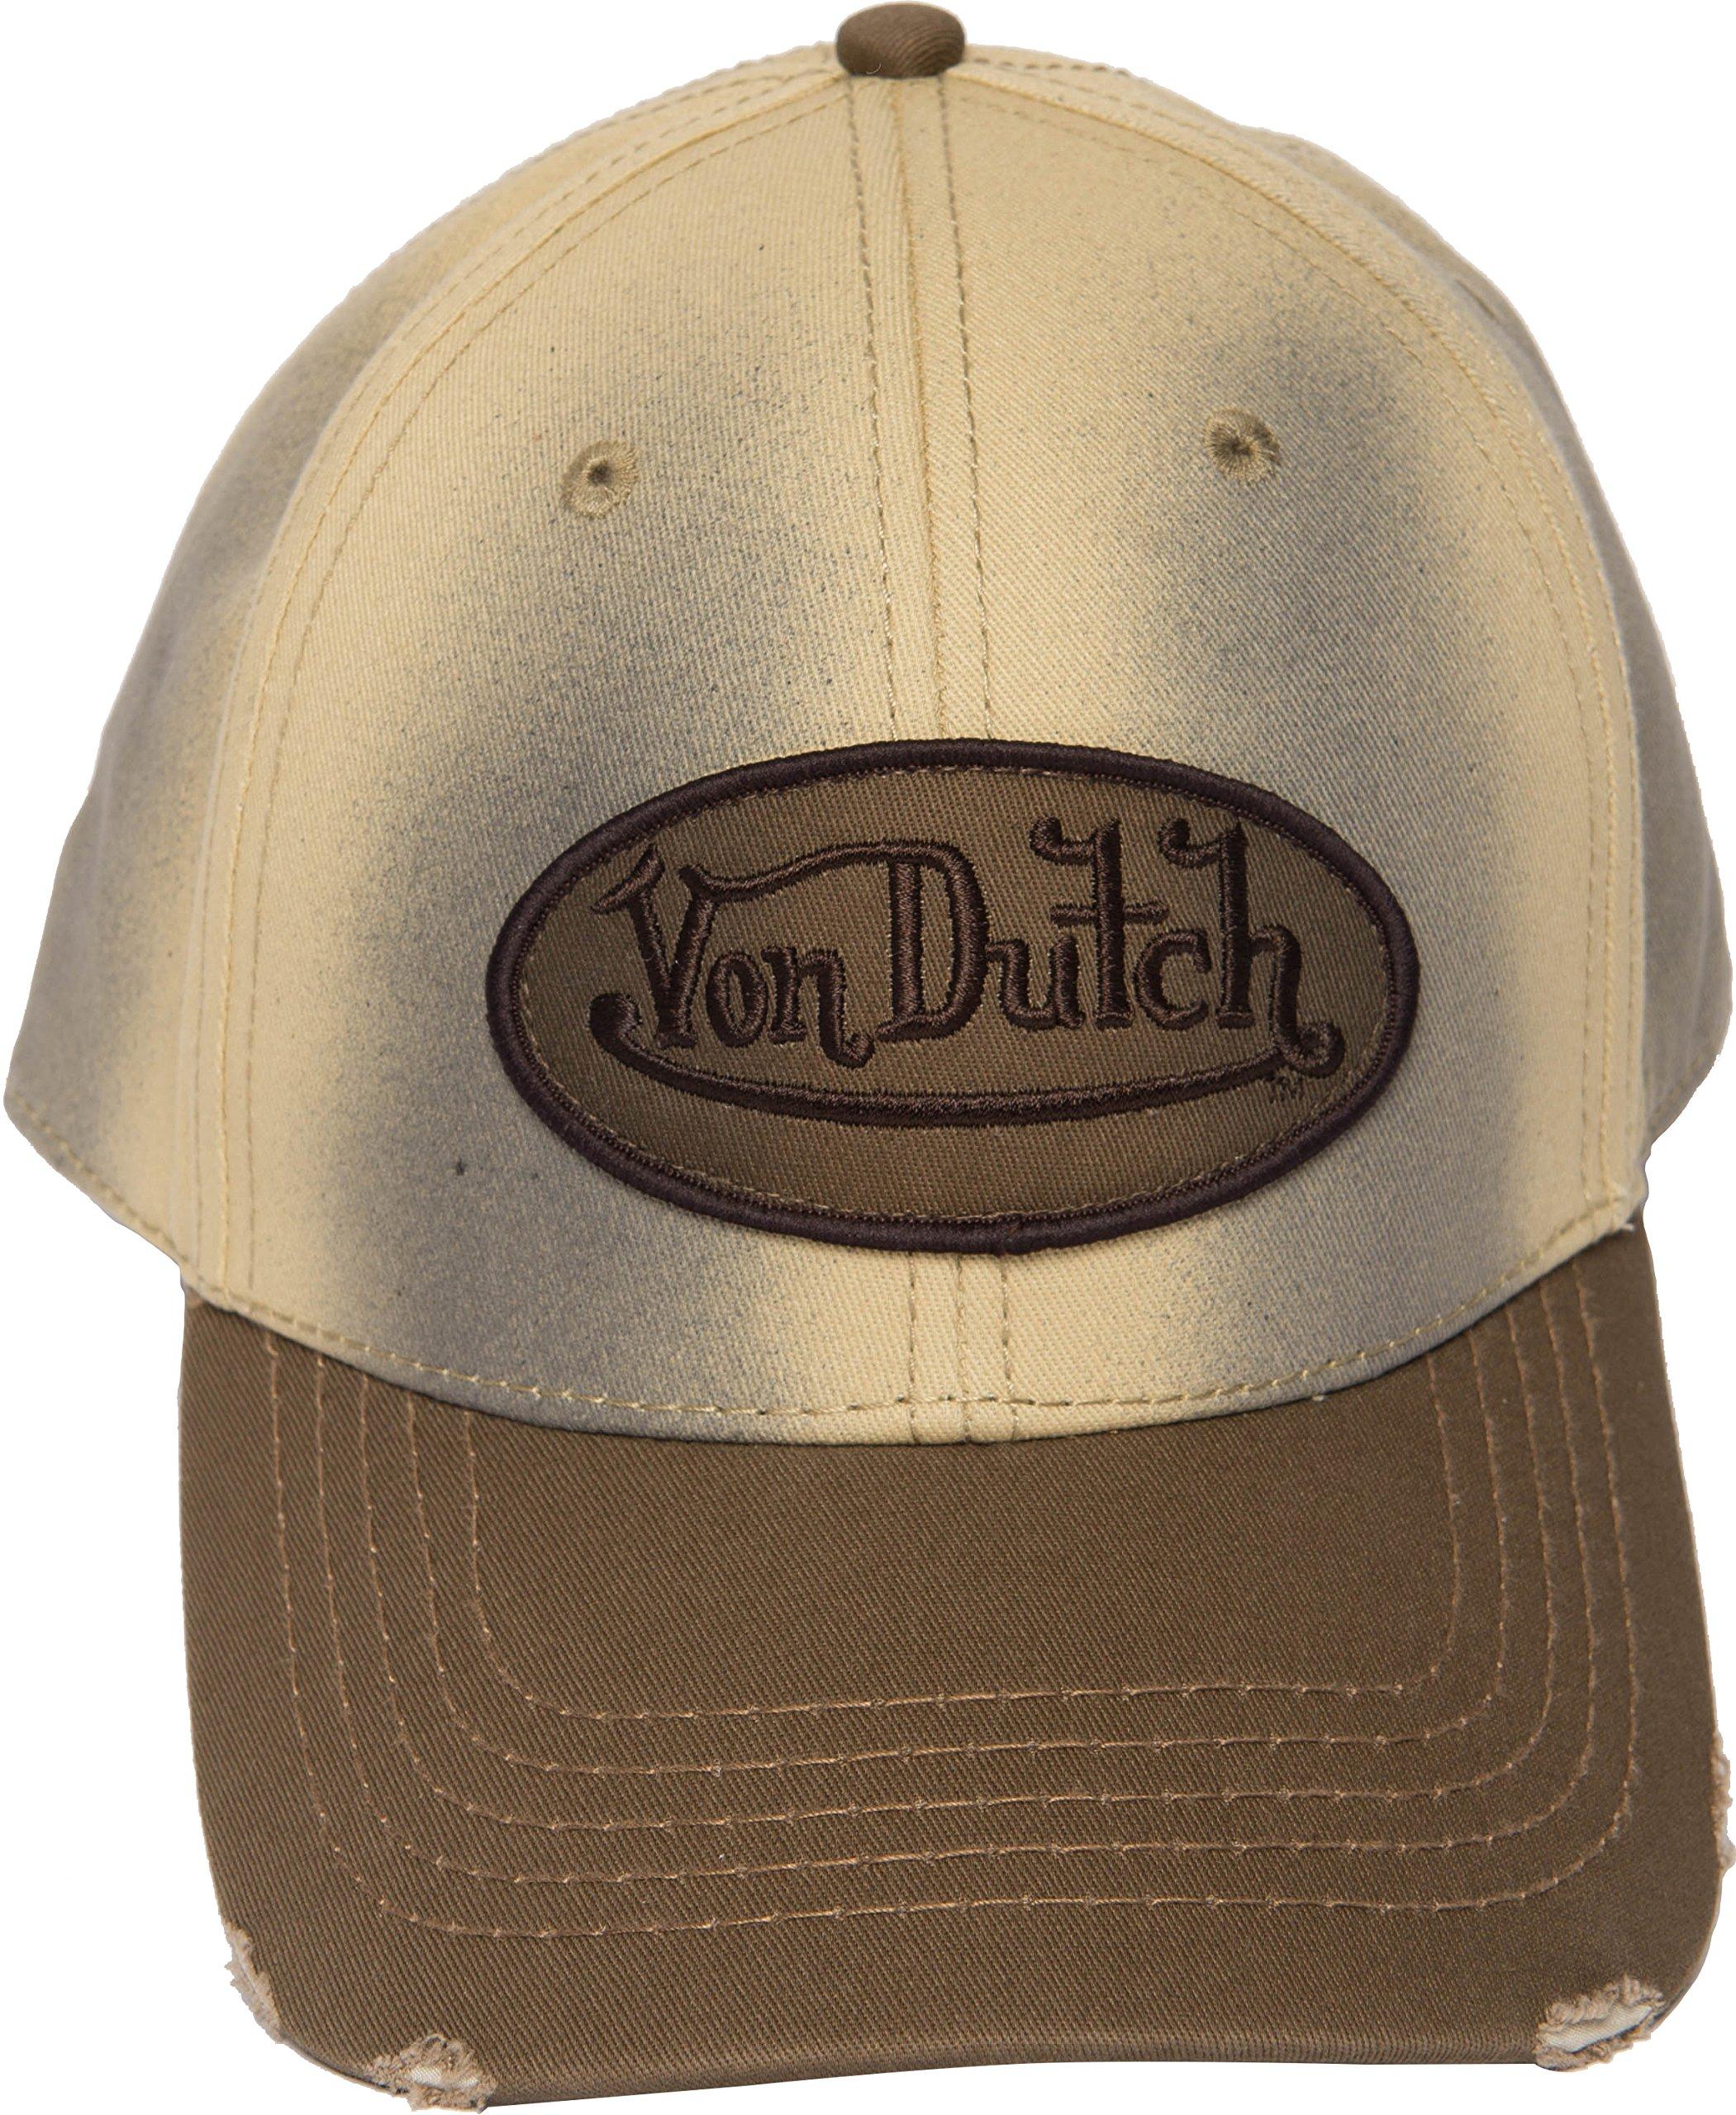 Von Dutch VDHT136 Dad Distressed Baseball Cap Vintage Style with Different Colorways (Creamy) by Von Dutch (Image #2)